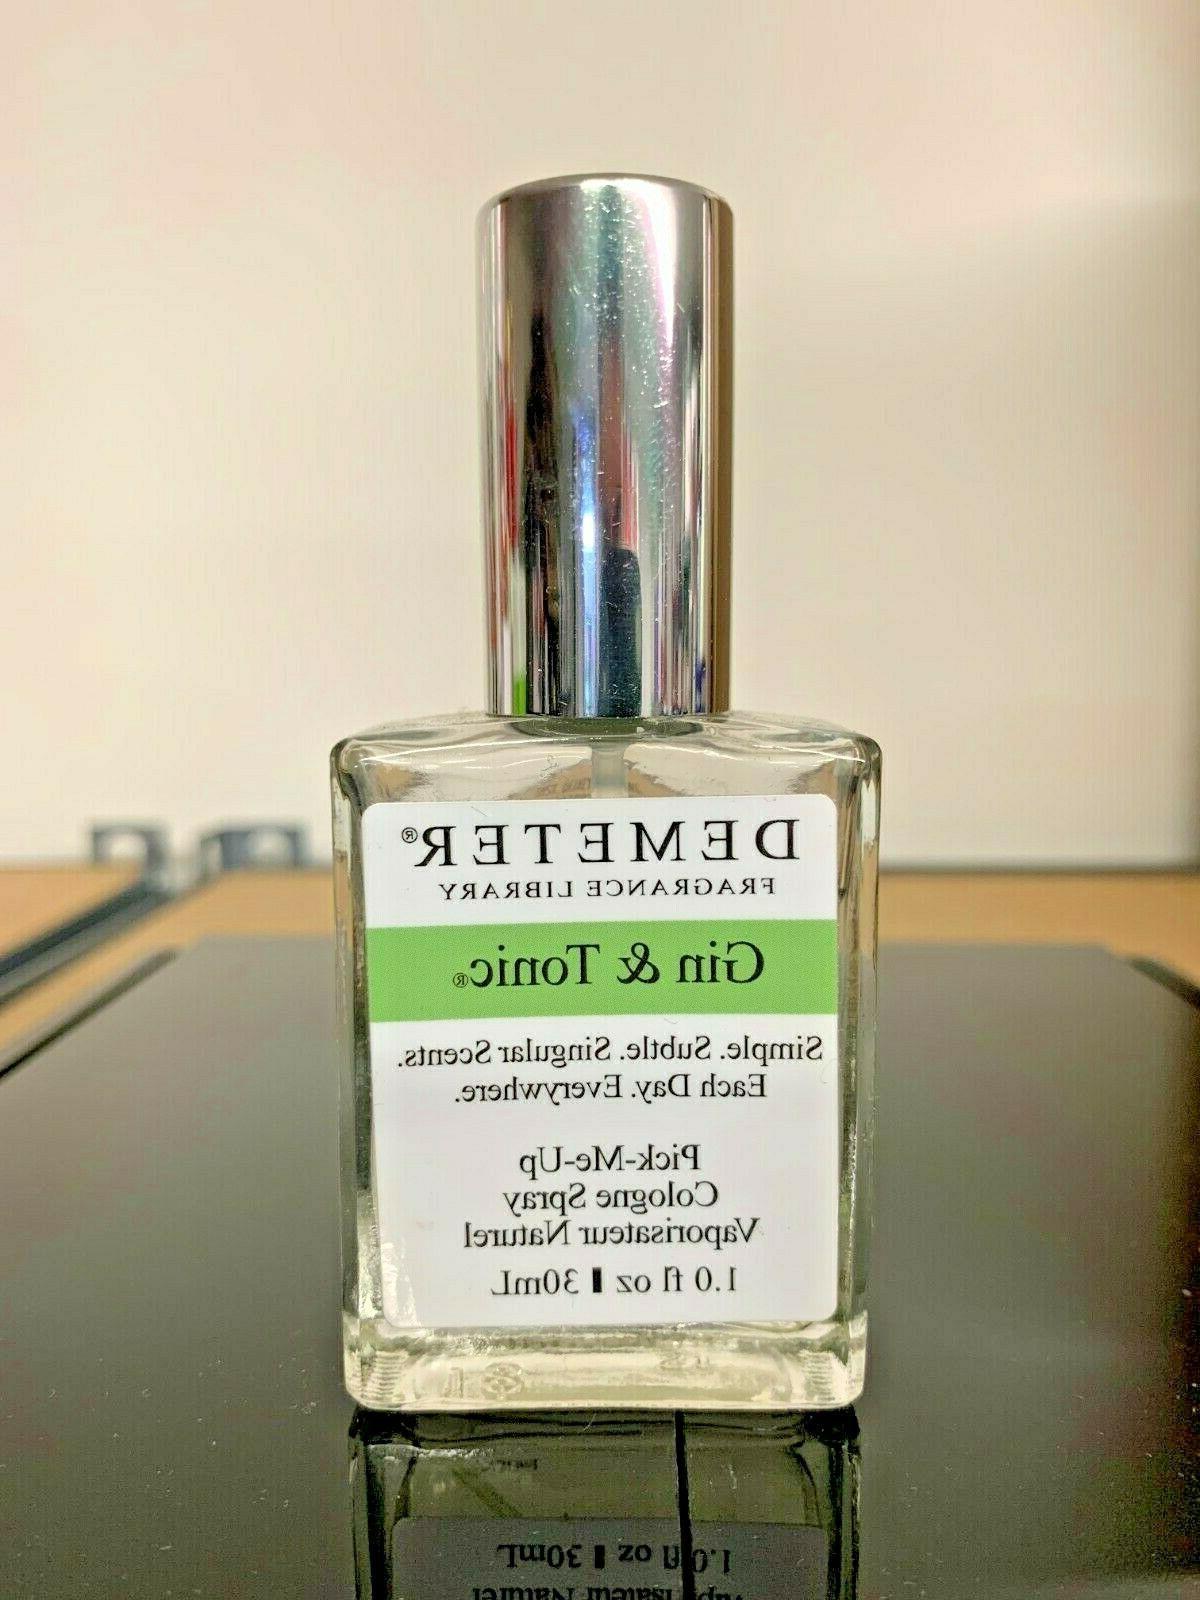 gin and tonic cologne spray 1oz same